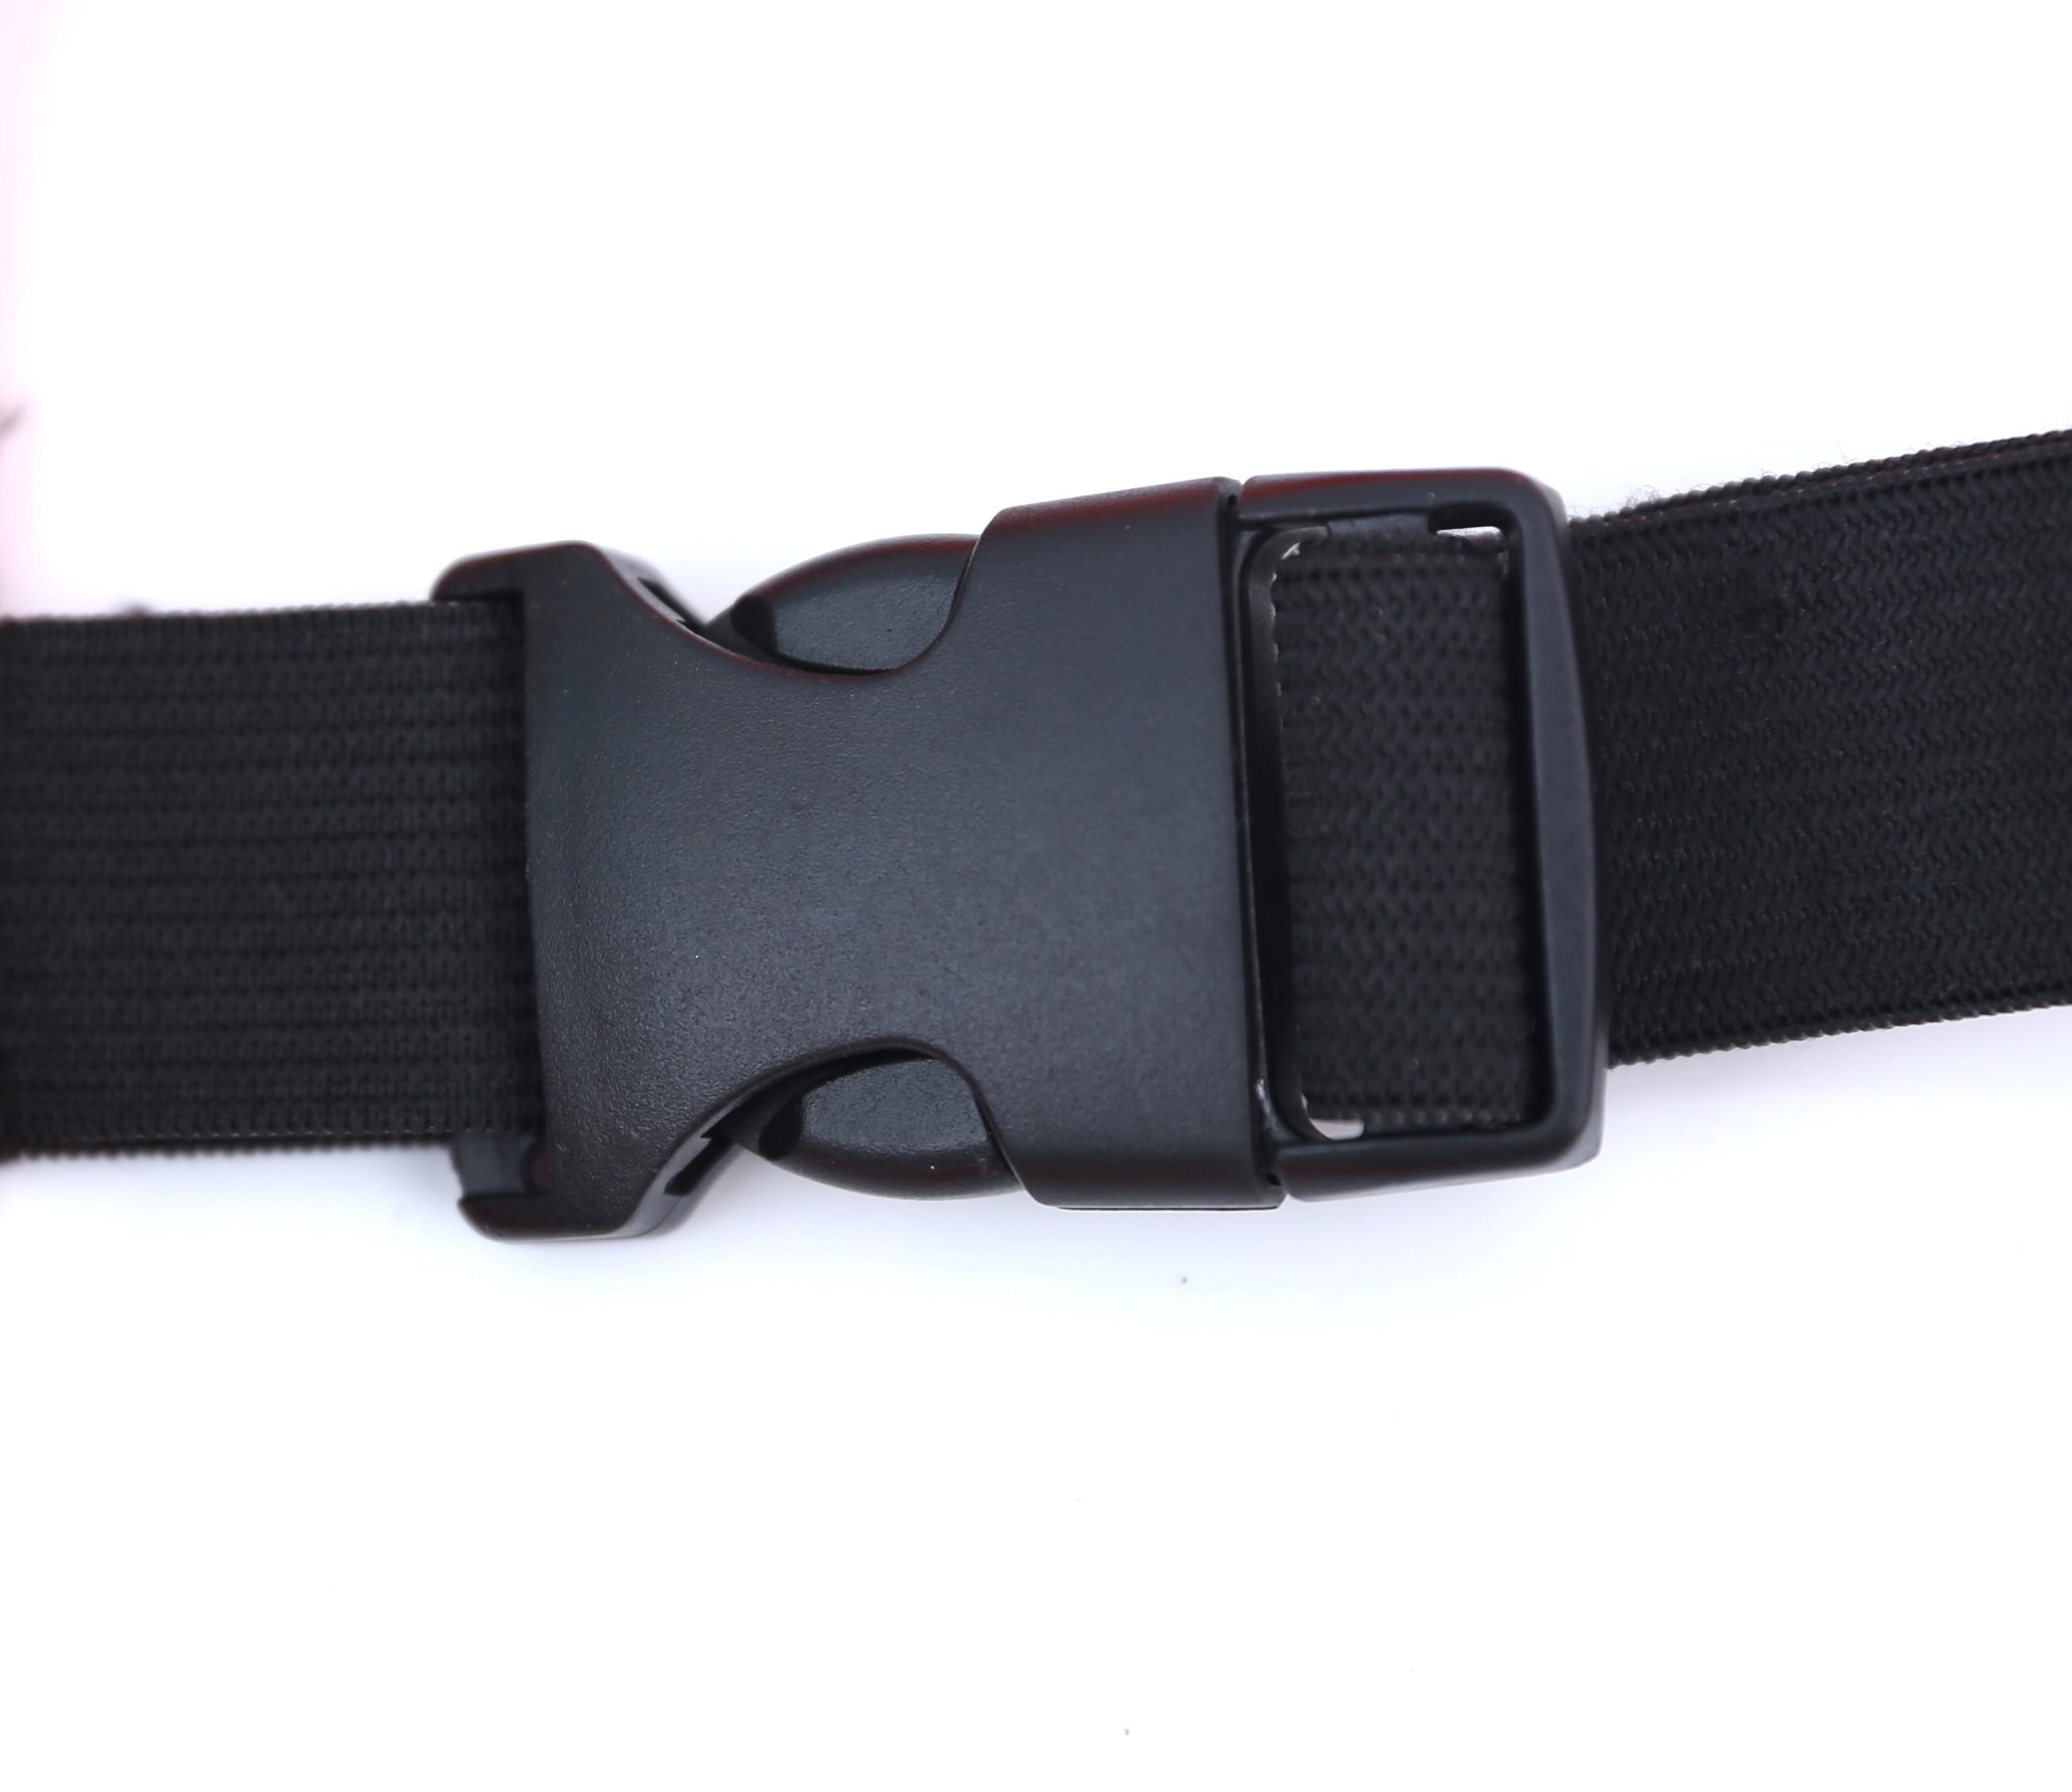 山东惠民汉威化纤制品有限公司|攀乐防护用品:安全带的用途